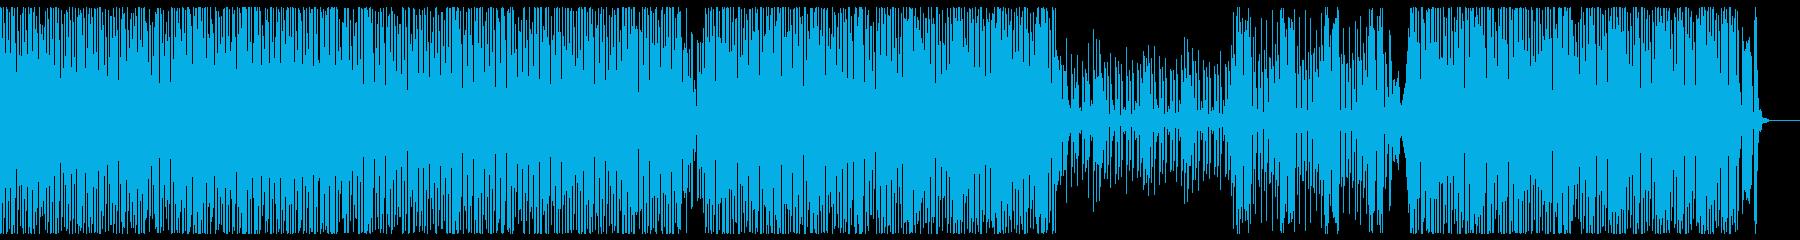 レトロピアノがお洒落なクラブ系ジャズの再生済みの波形